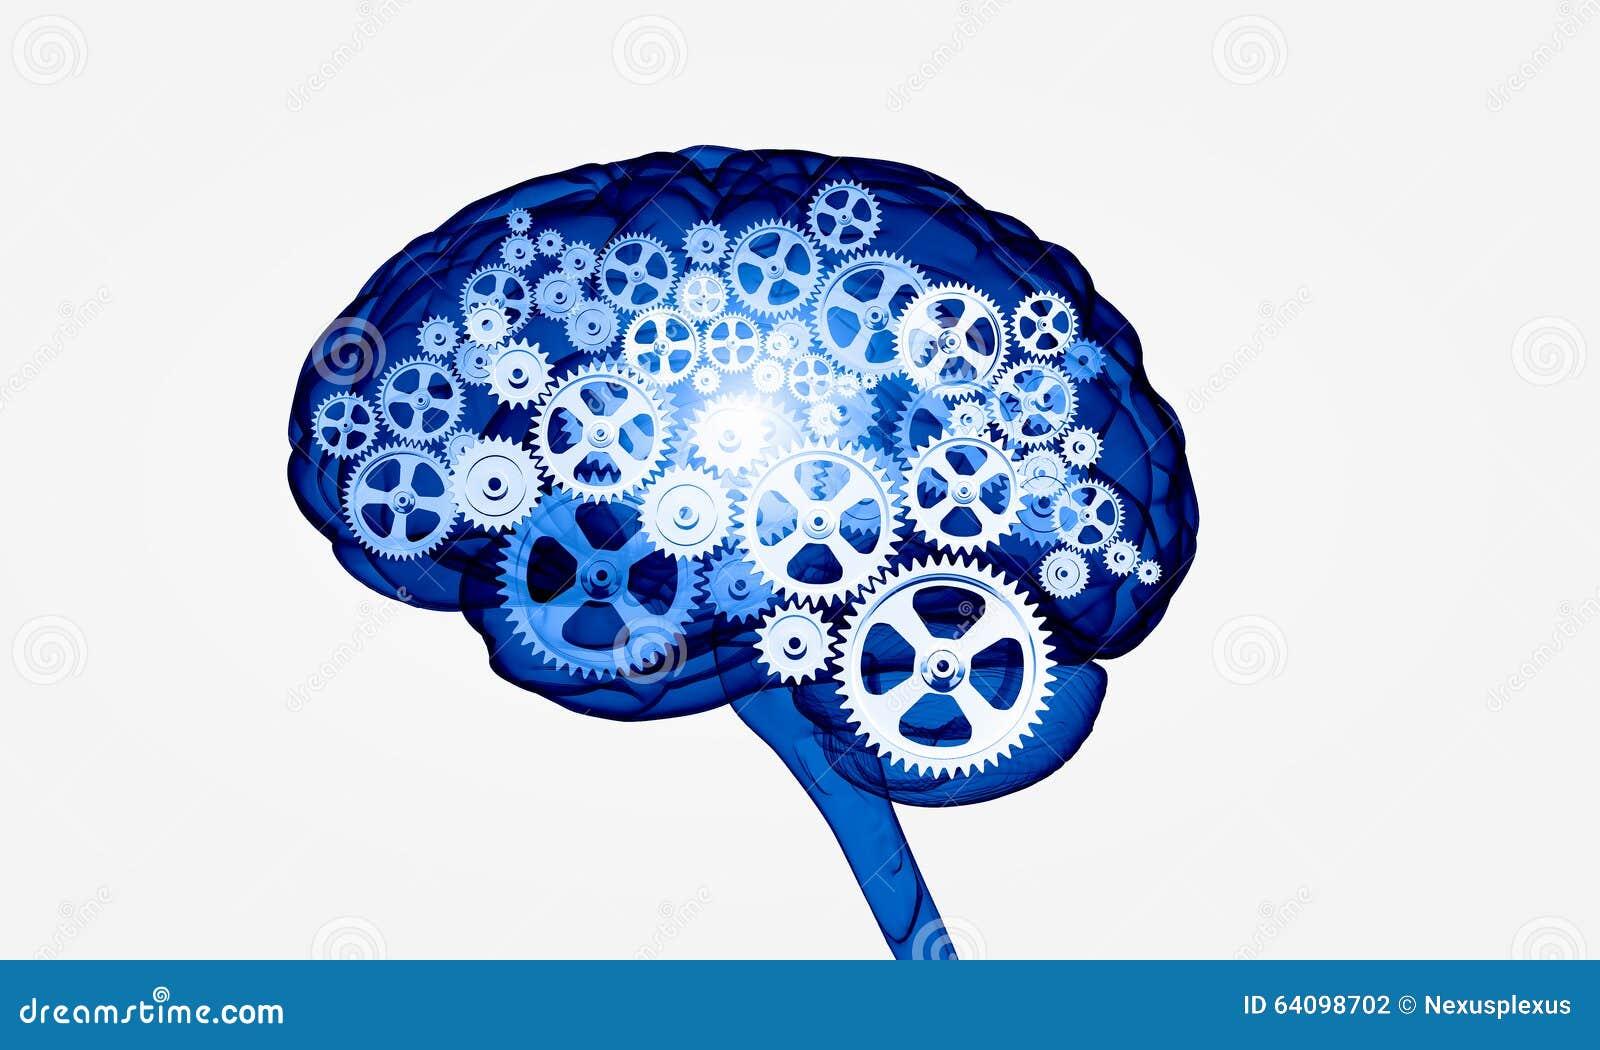 Digitale menselijke hersenen